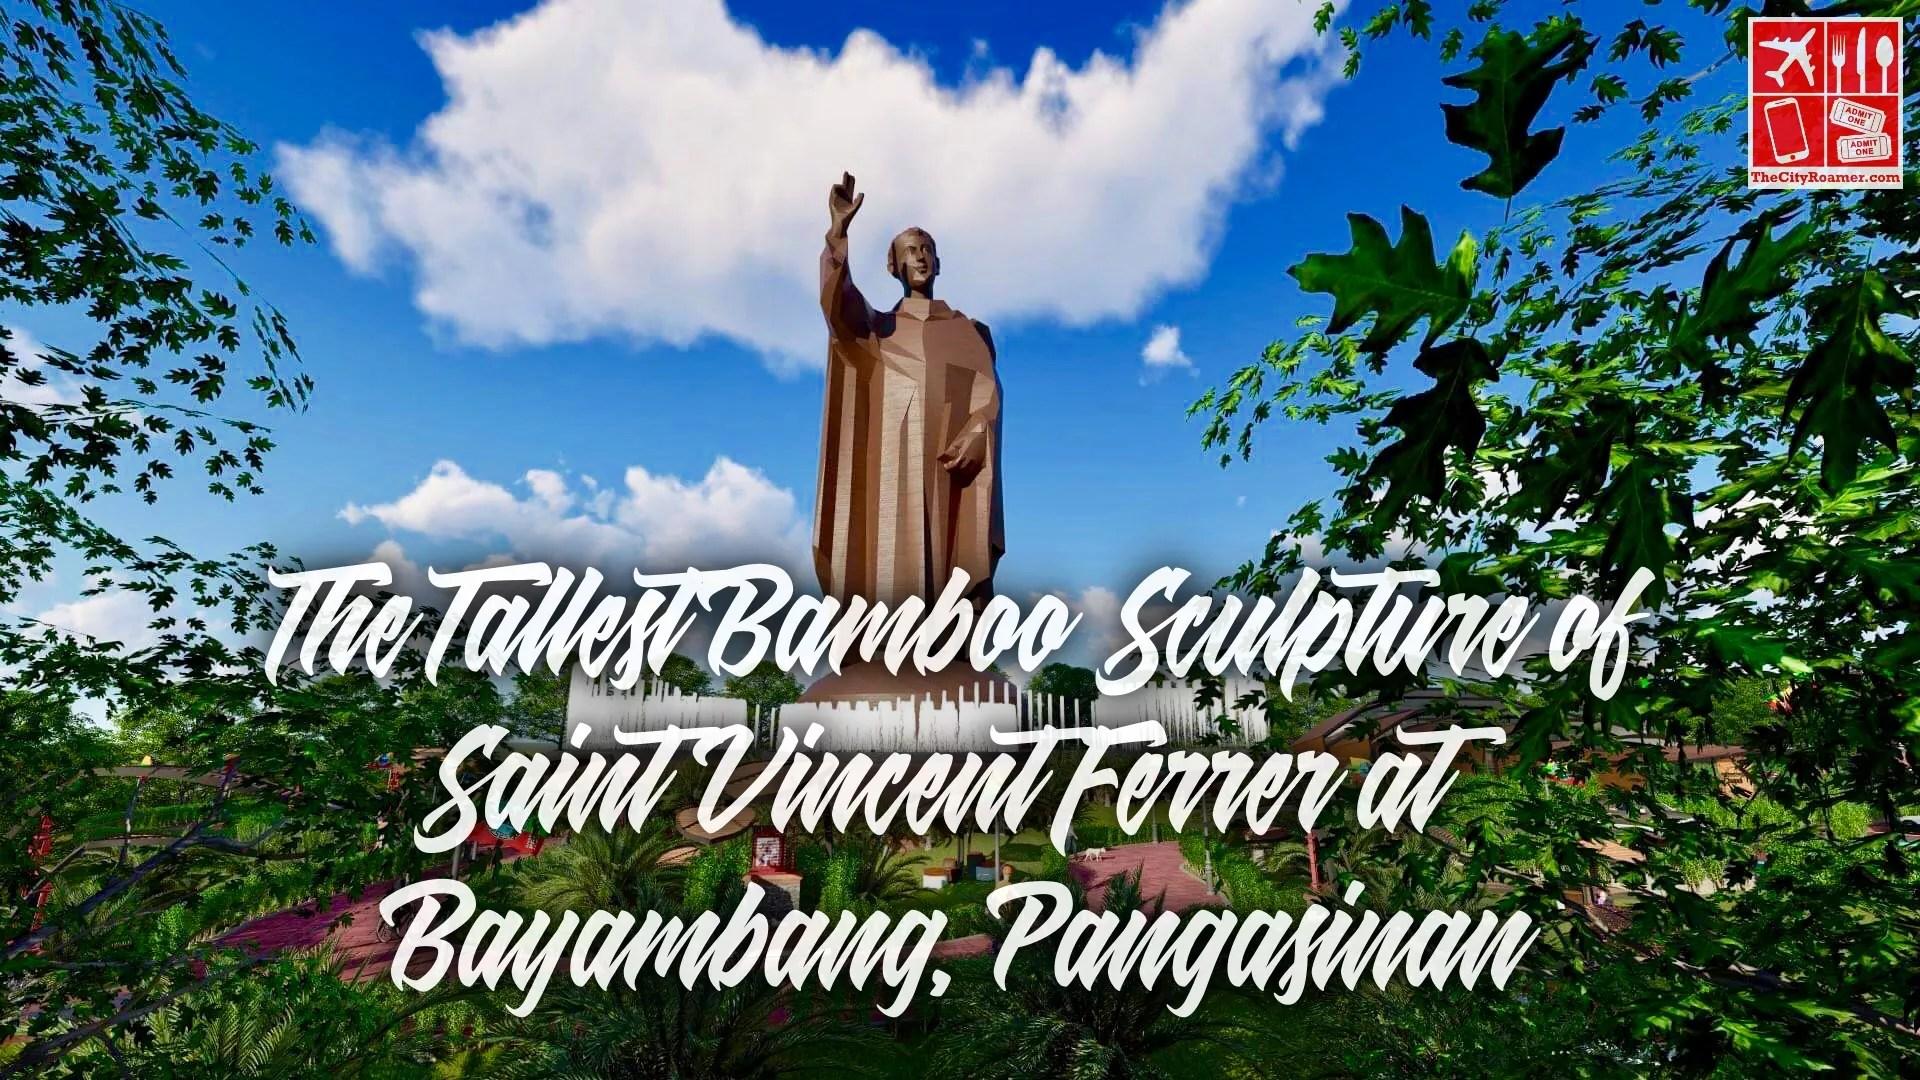 An artist rendition of the tallest bamboo sculpture of Saint Vincent Ferrer